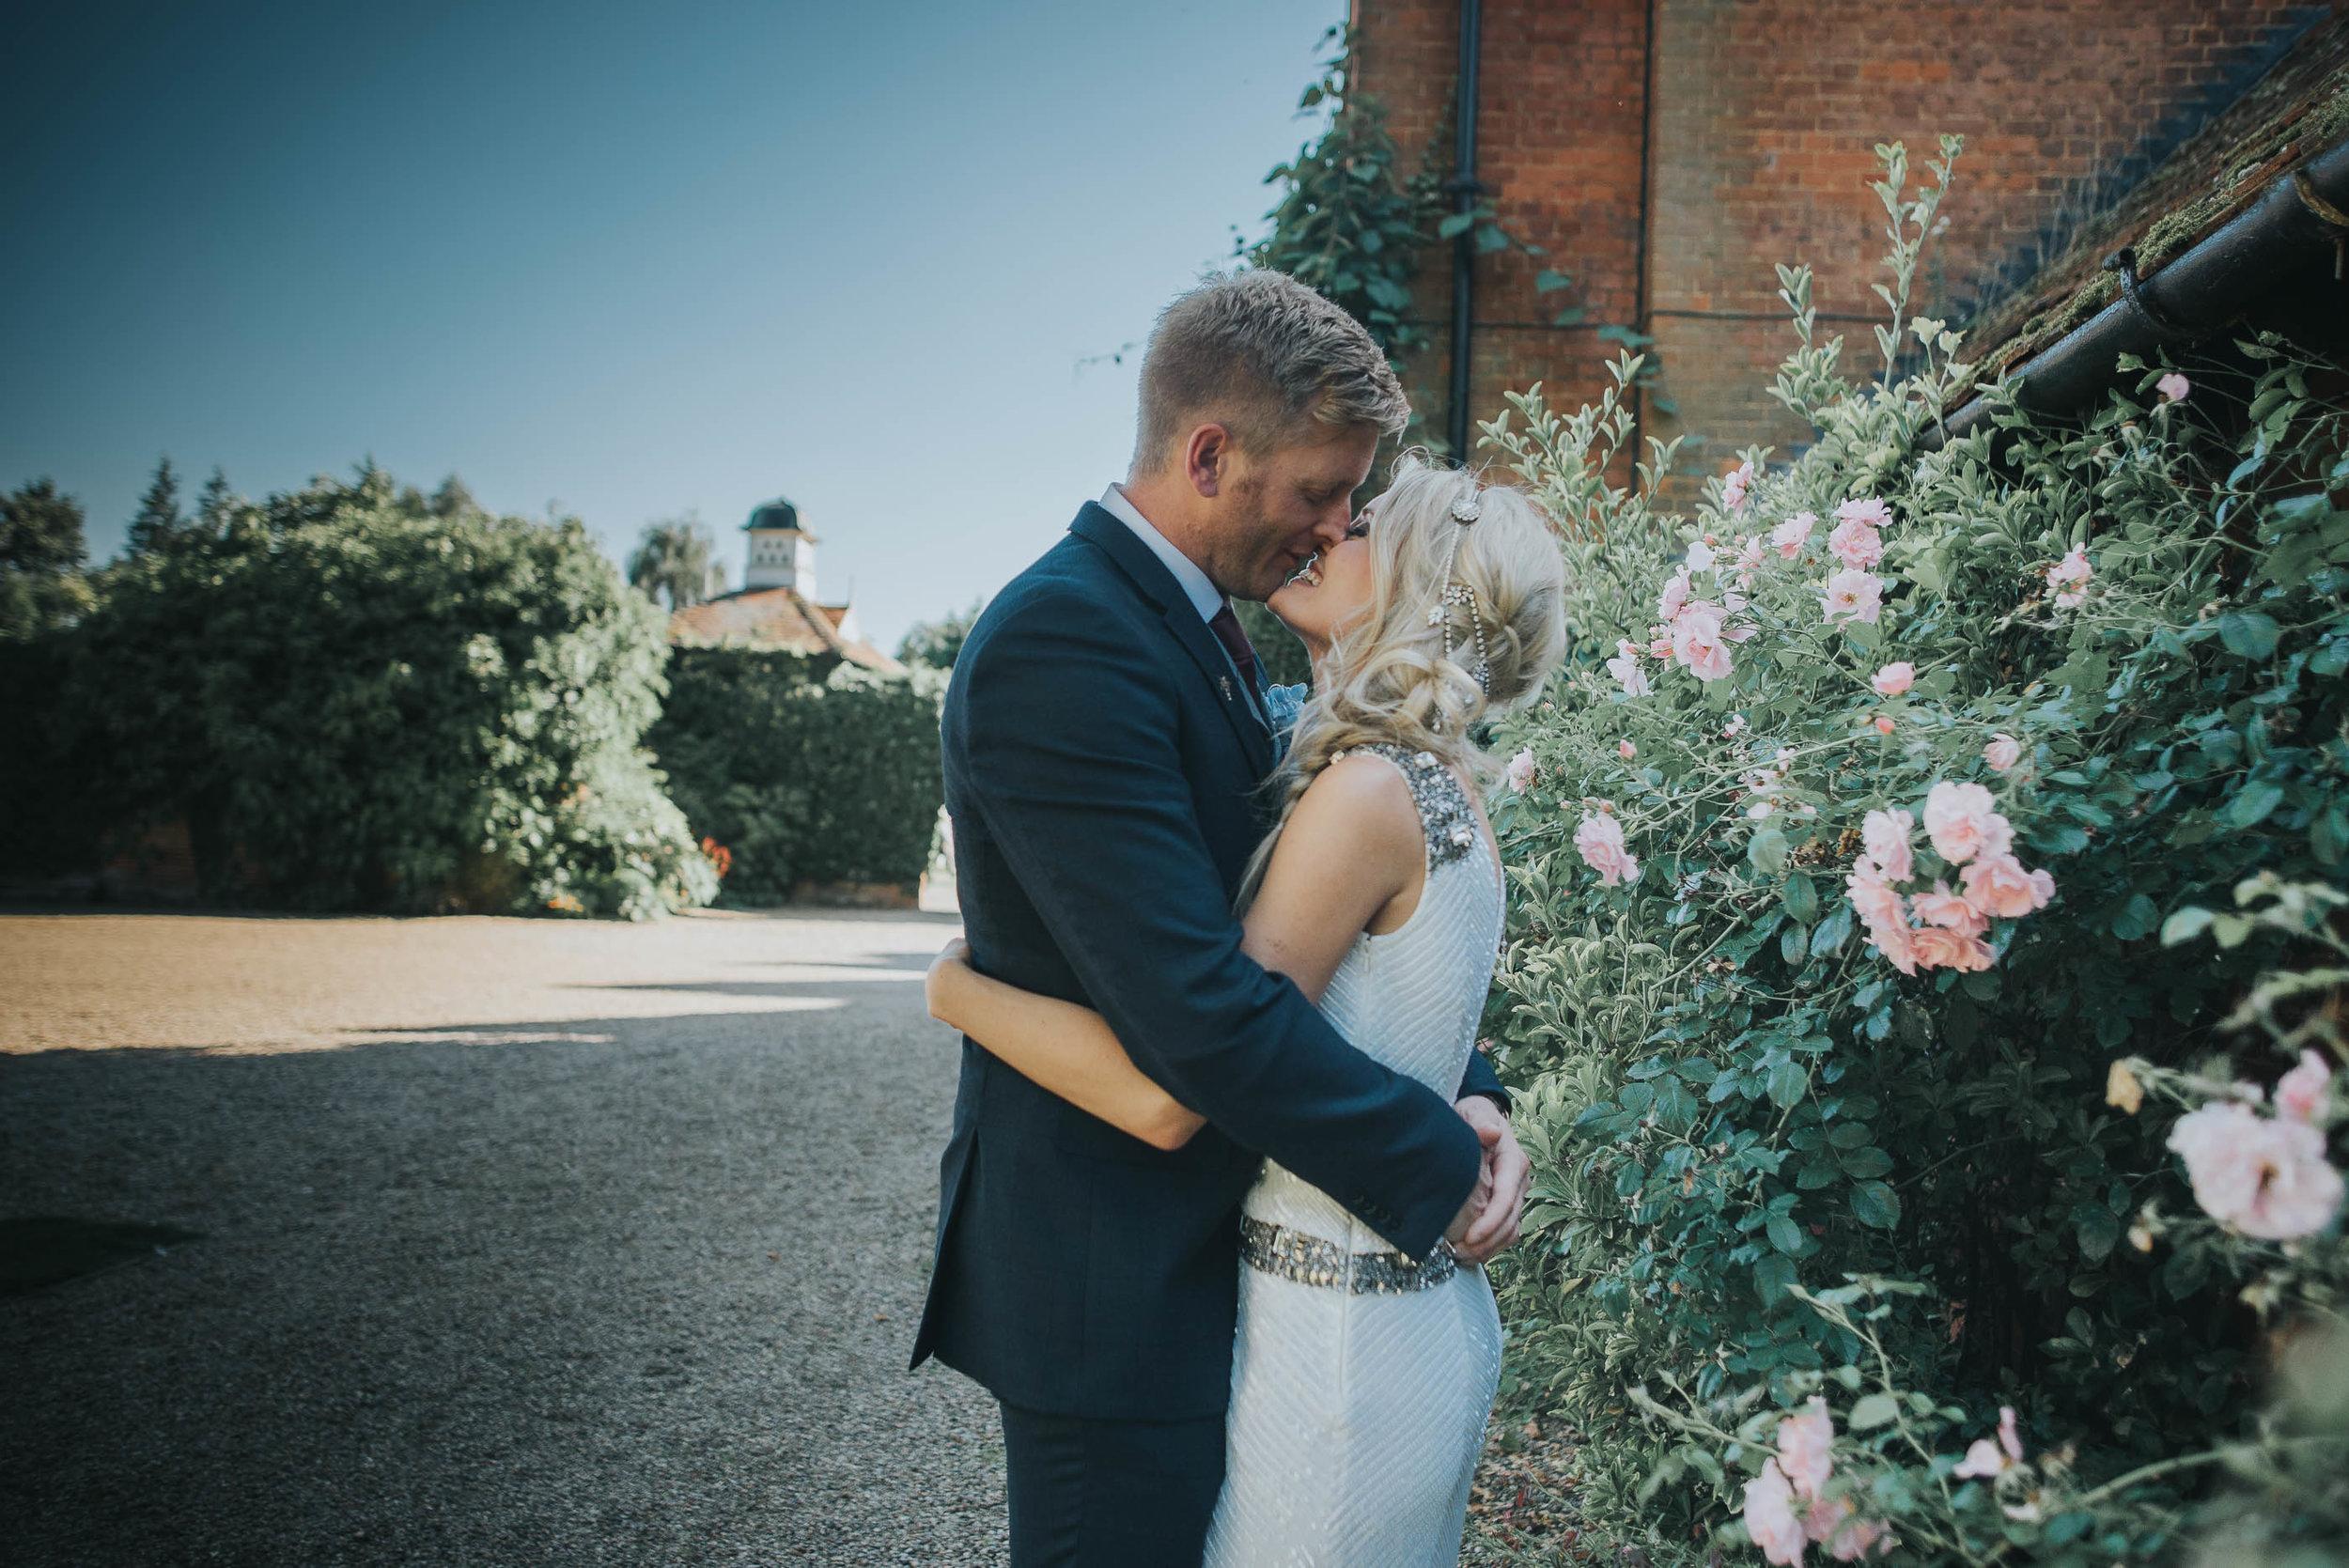 Creative Unique Wedding Photographer Essex Suffolk UK Wedding Photographer www.purplepeartreephotography.com (532).JPG